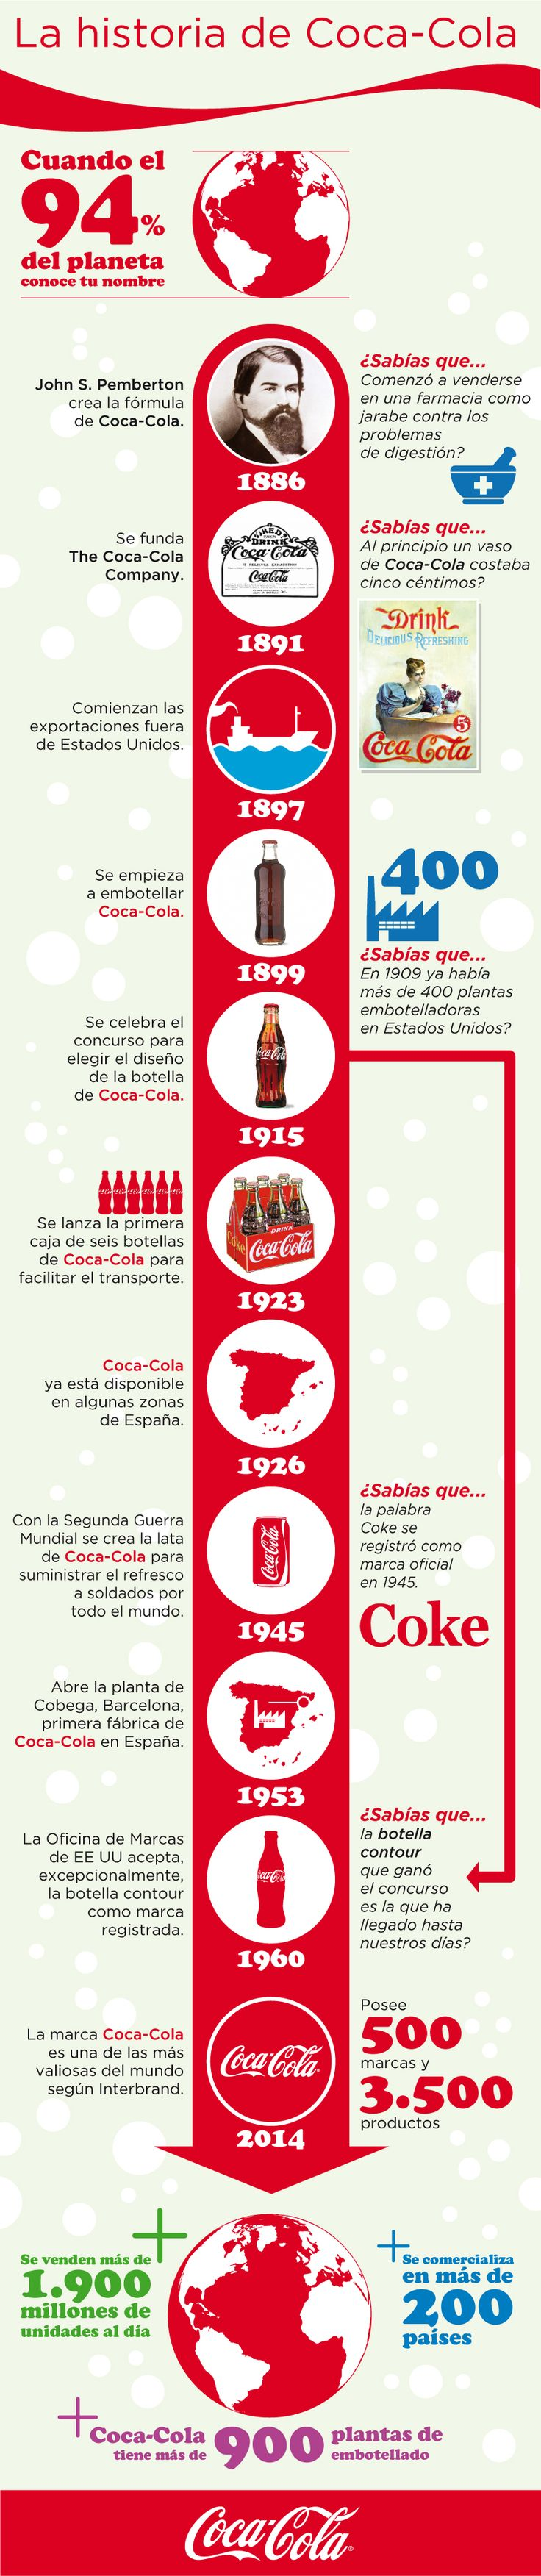 Infografía de la historia de The Coca-Cola Company desde su creación en Atlanta…